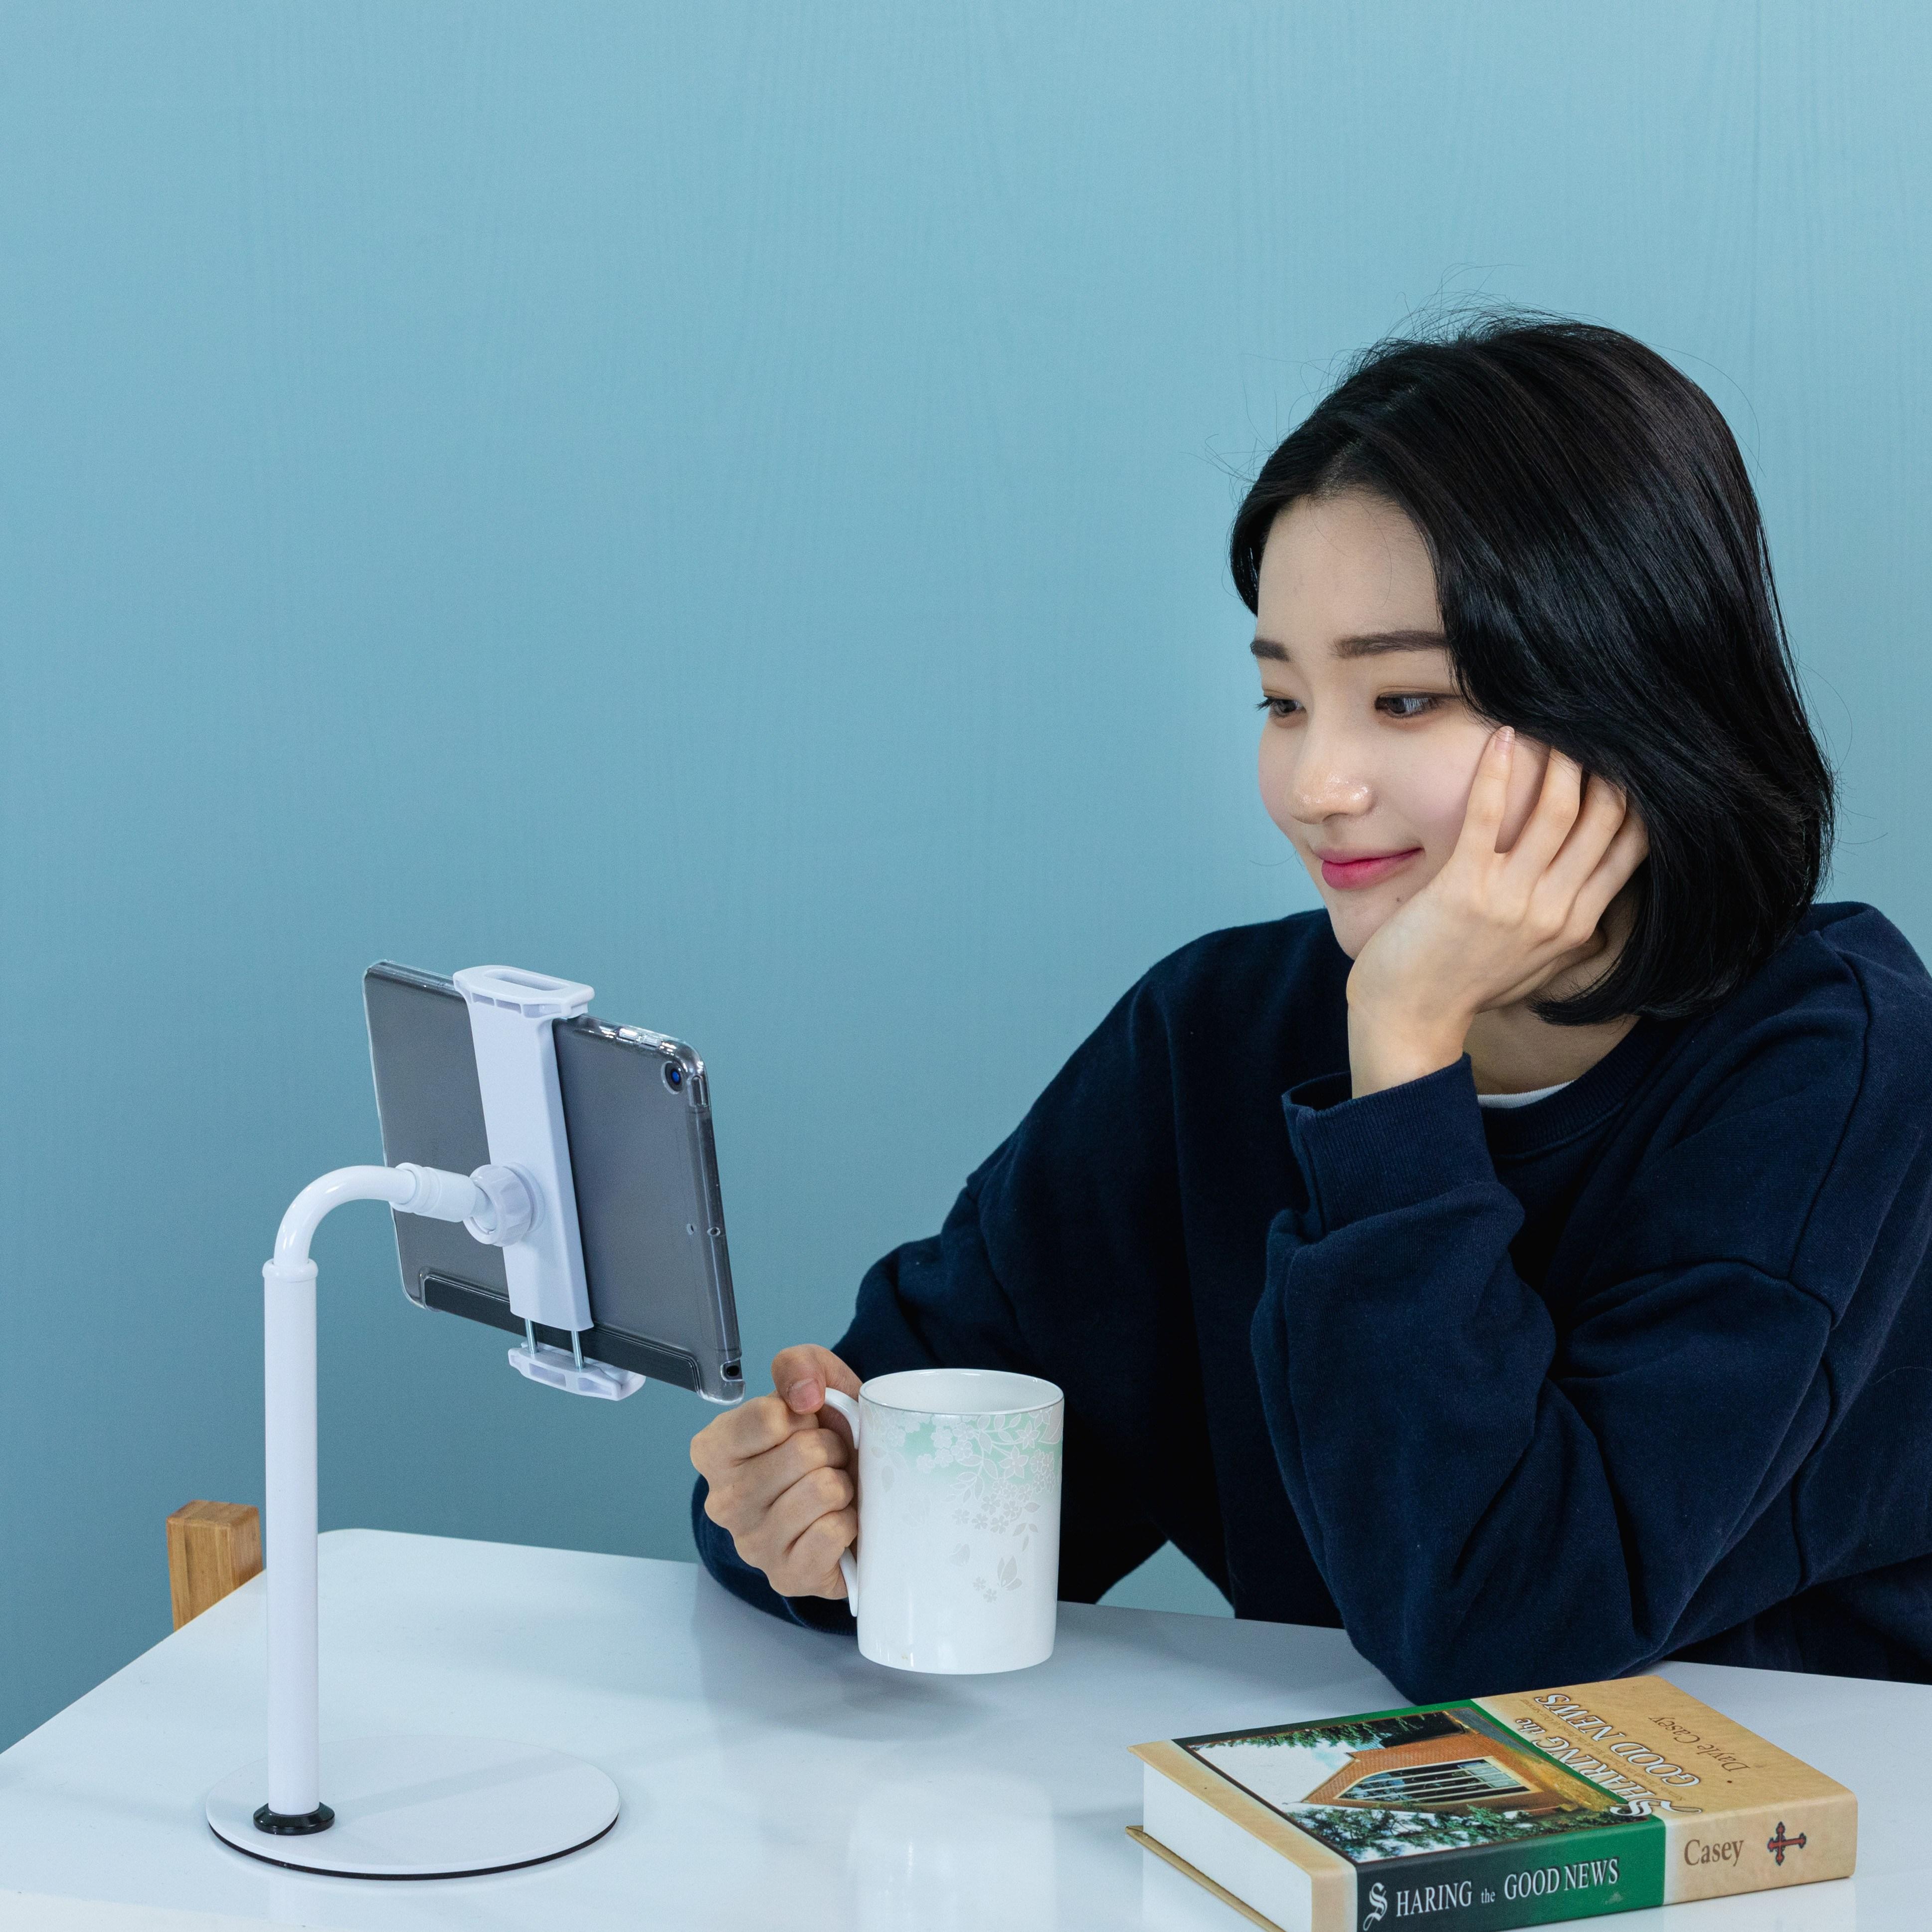 JIVA 책상 탁상 스마트폰 태블릿거치대 침대 자바라 핸드폰거치대, 1개, 화이트